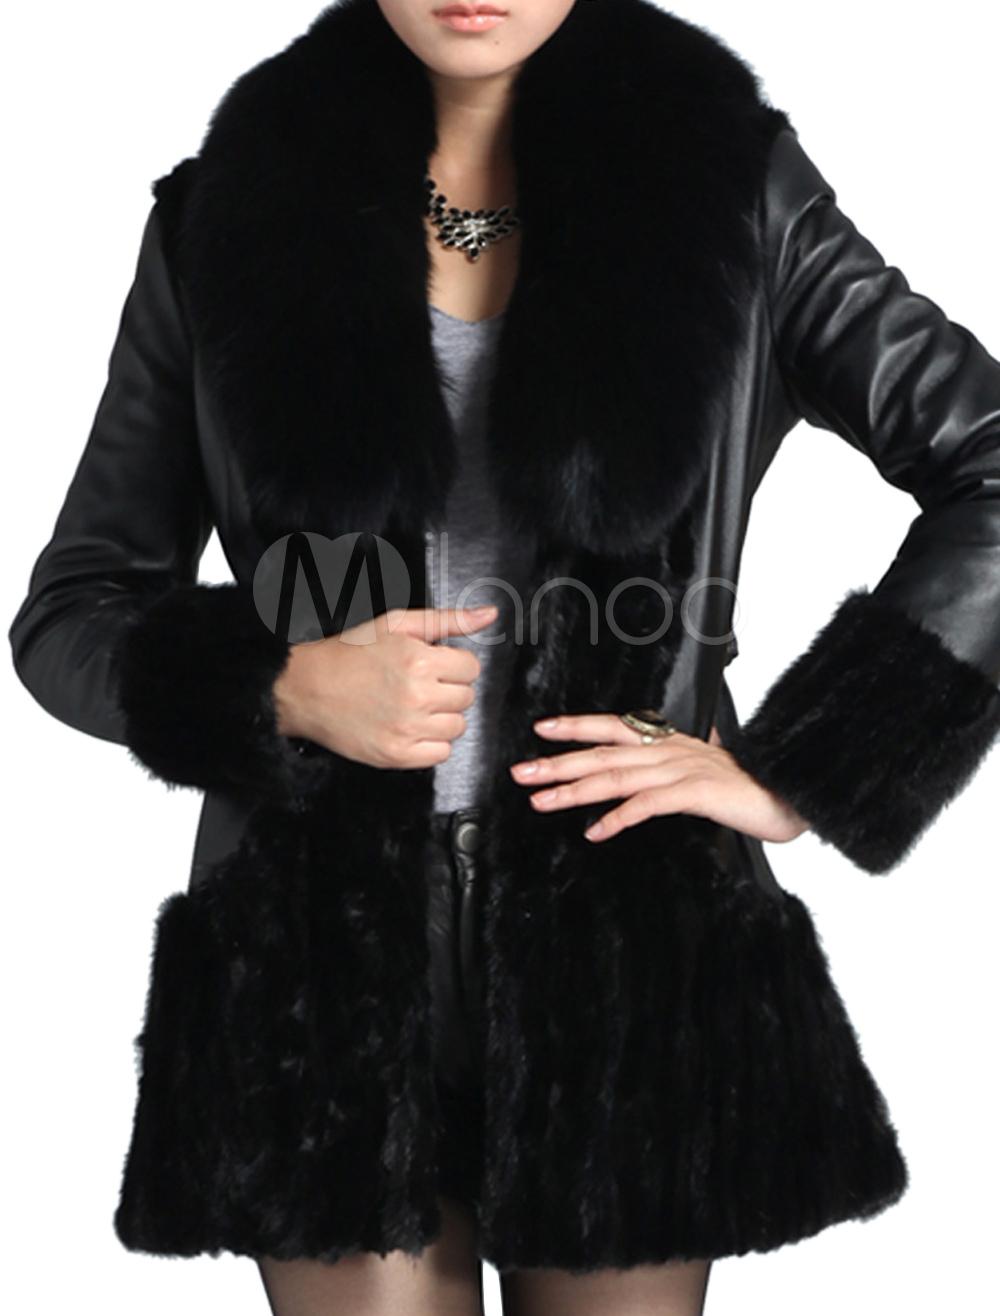 low priced ac71b 7bcf6 Cappotto di pelle con collo in pelliccia nero elegante